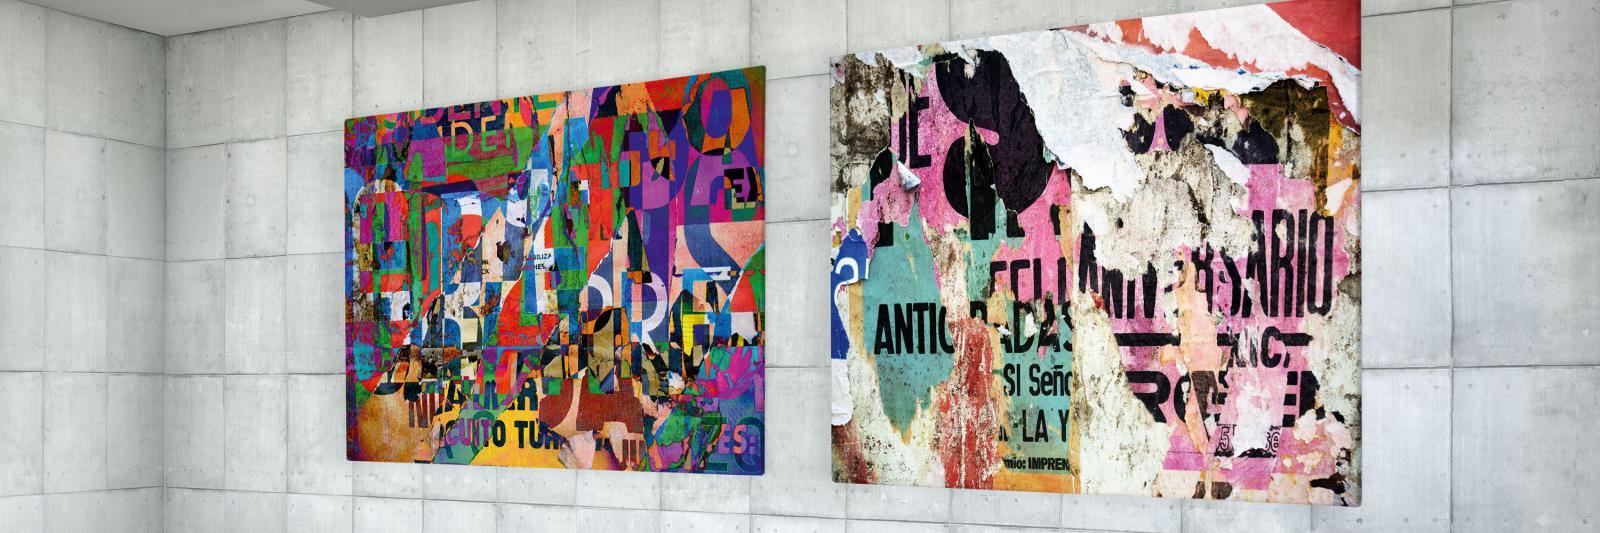 Druckmedien für Kunstdrucke - zwei bunte, abstrakte Kunstdrucke auf einer grauen gekachelten Wand